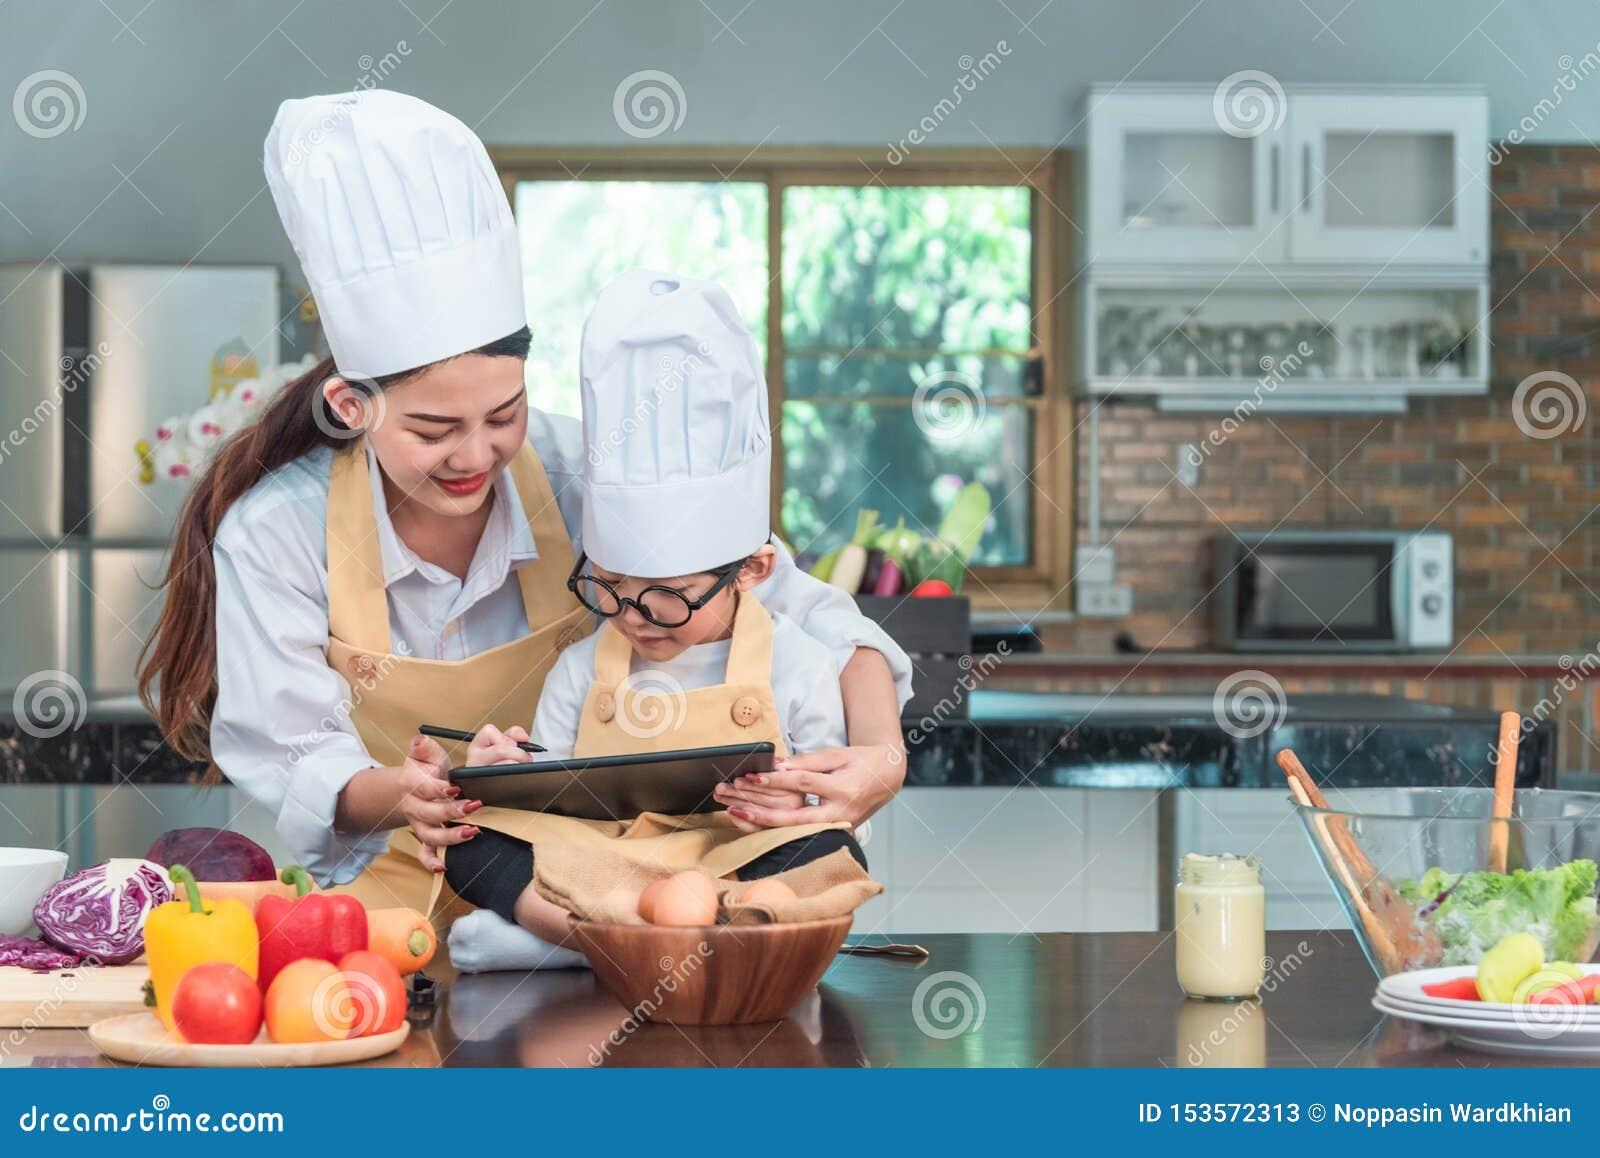 Νέα γυναίκα και παιδί που χρησιμοποιούν τον υπολογιστή ταμπλετών μαγειρεύοντας στην κουζίνα Householding, νόστιμα τρόφιμα και ψηφ